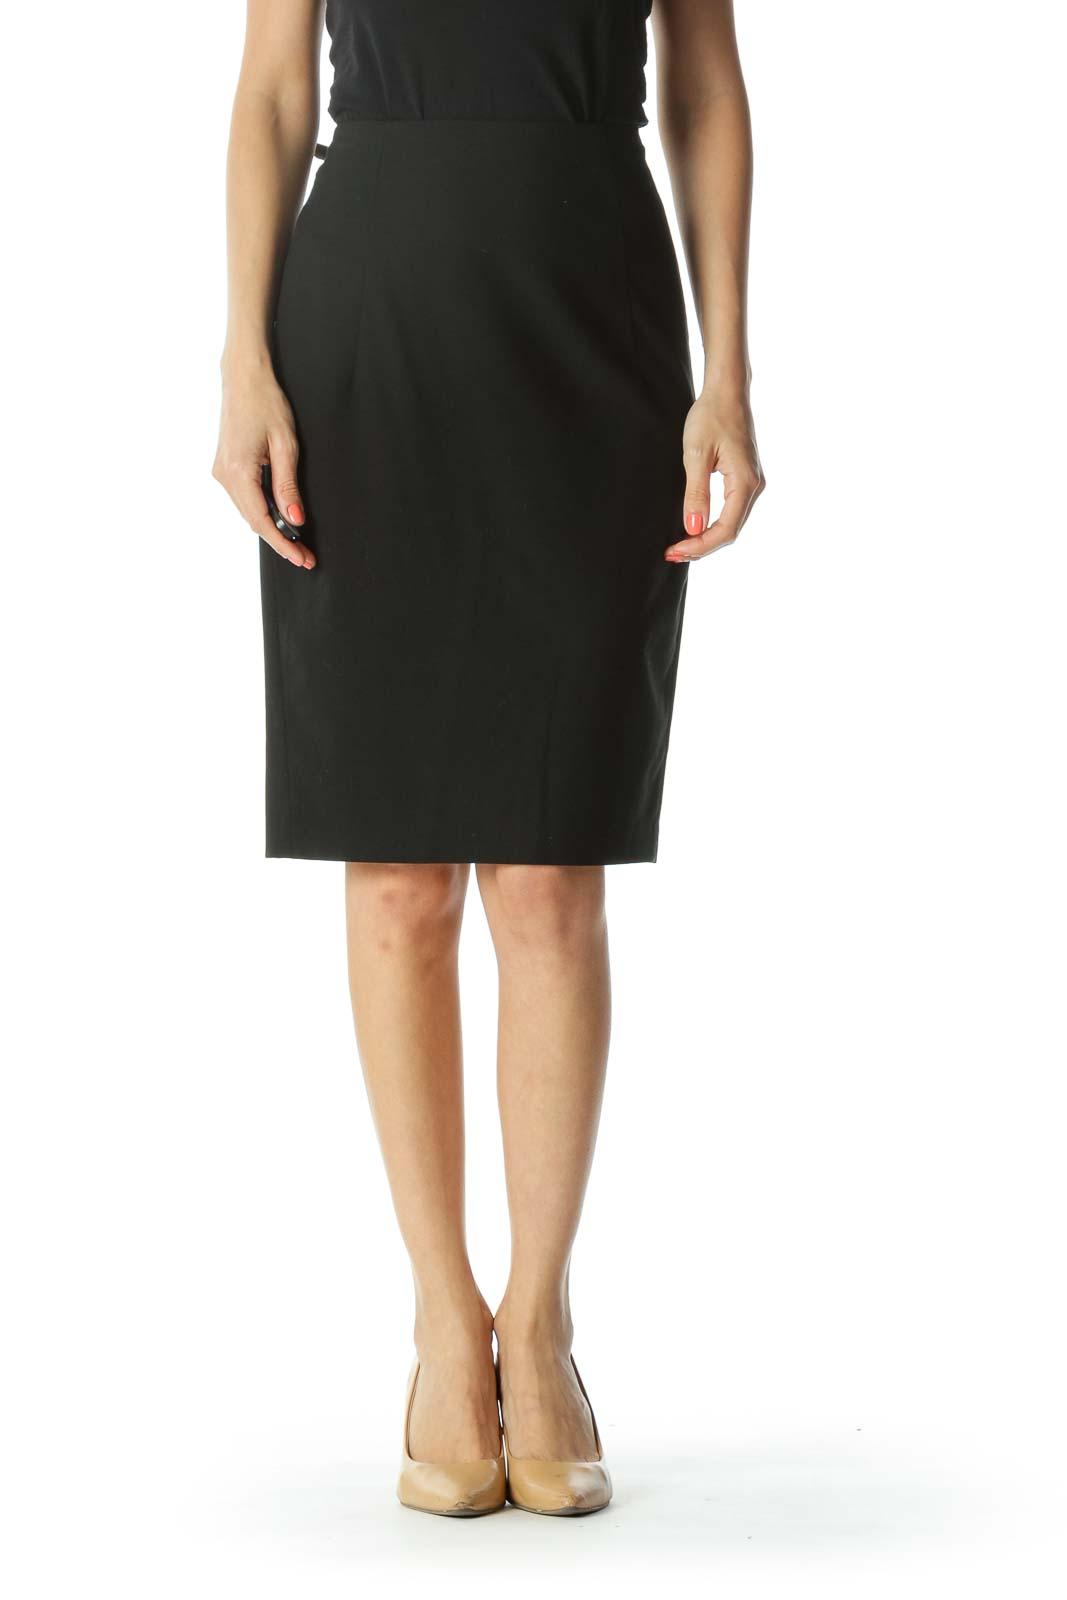 Black Back-Visible-Zipper-Detail Leg-Slit Pencil Skirt